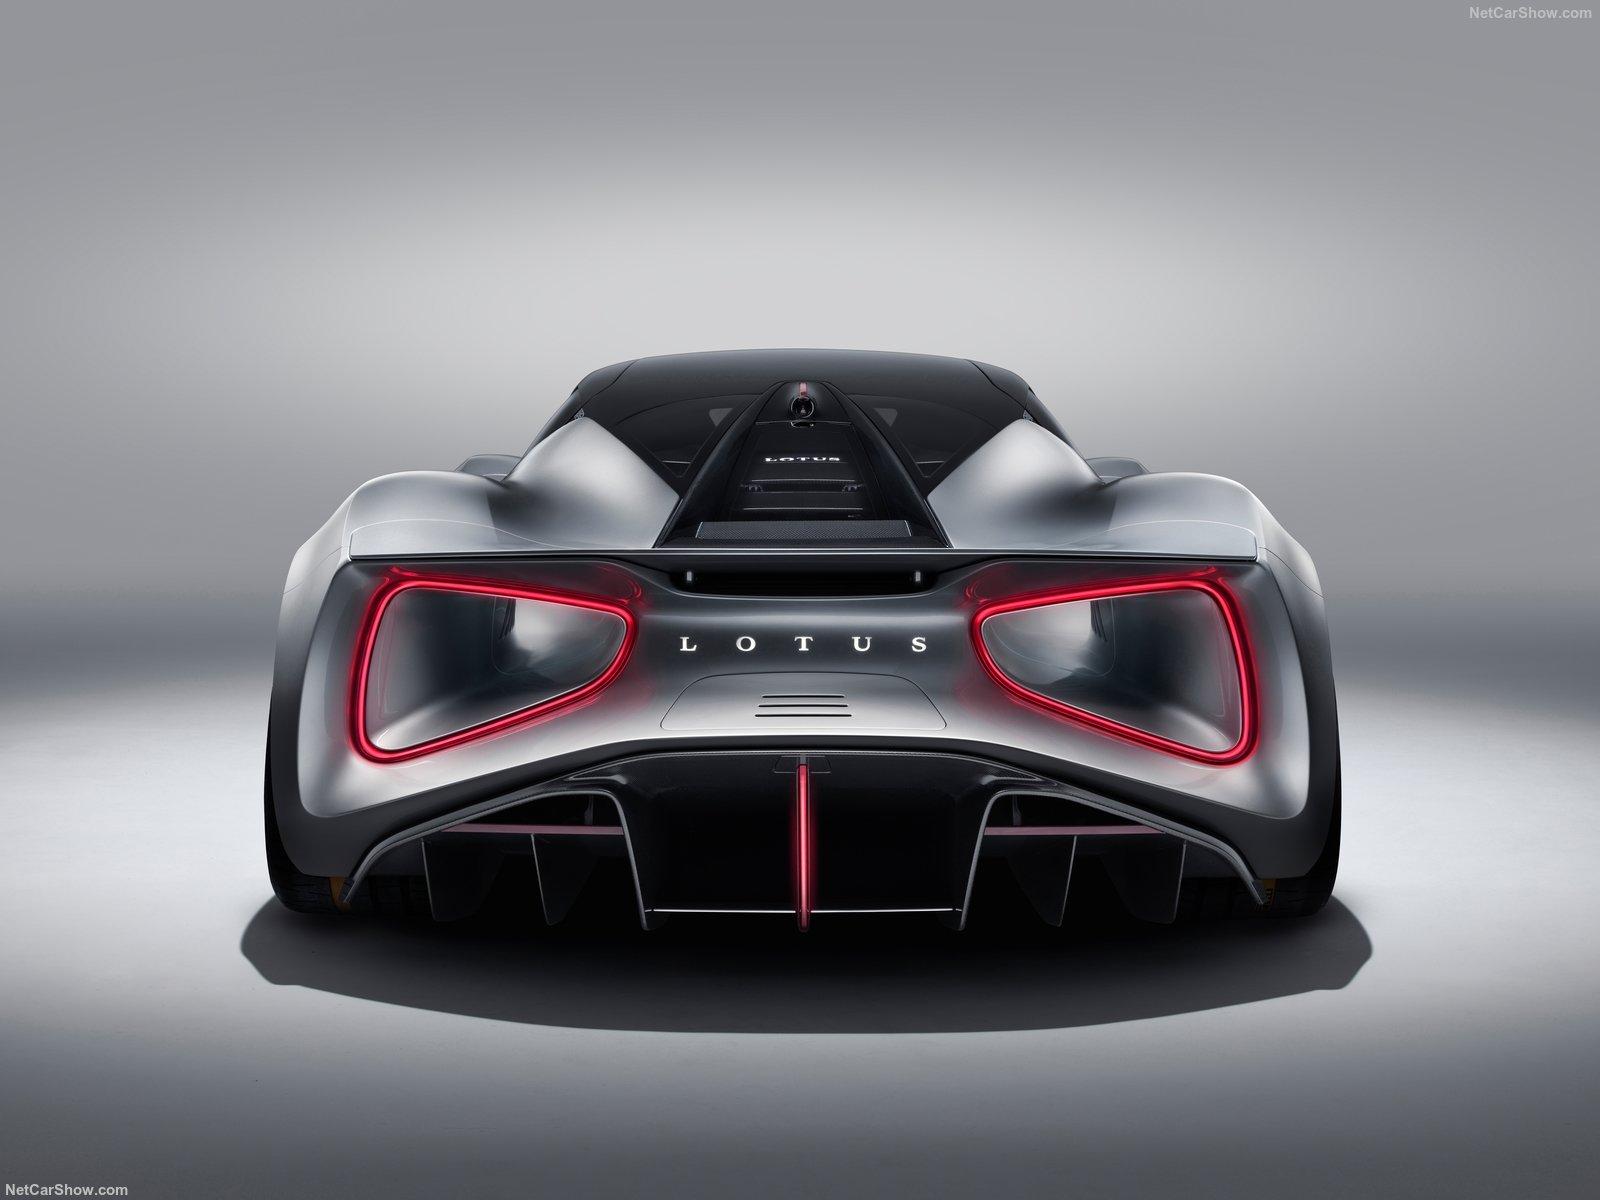 Lotus-Evija-2020-1600-06.jpg